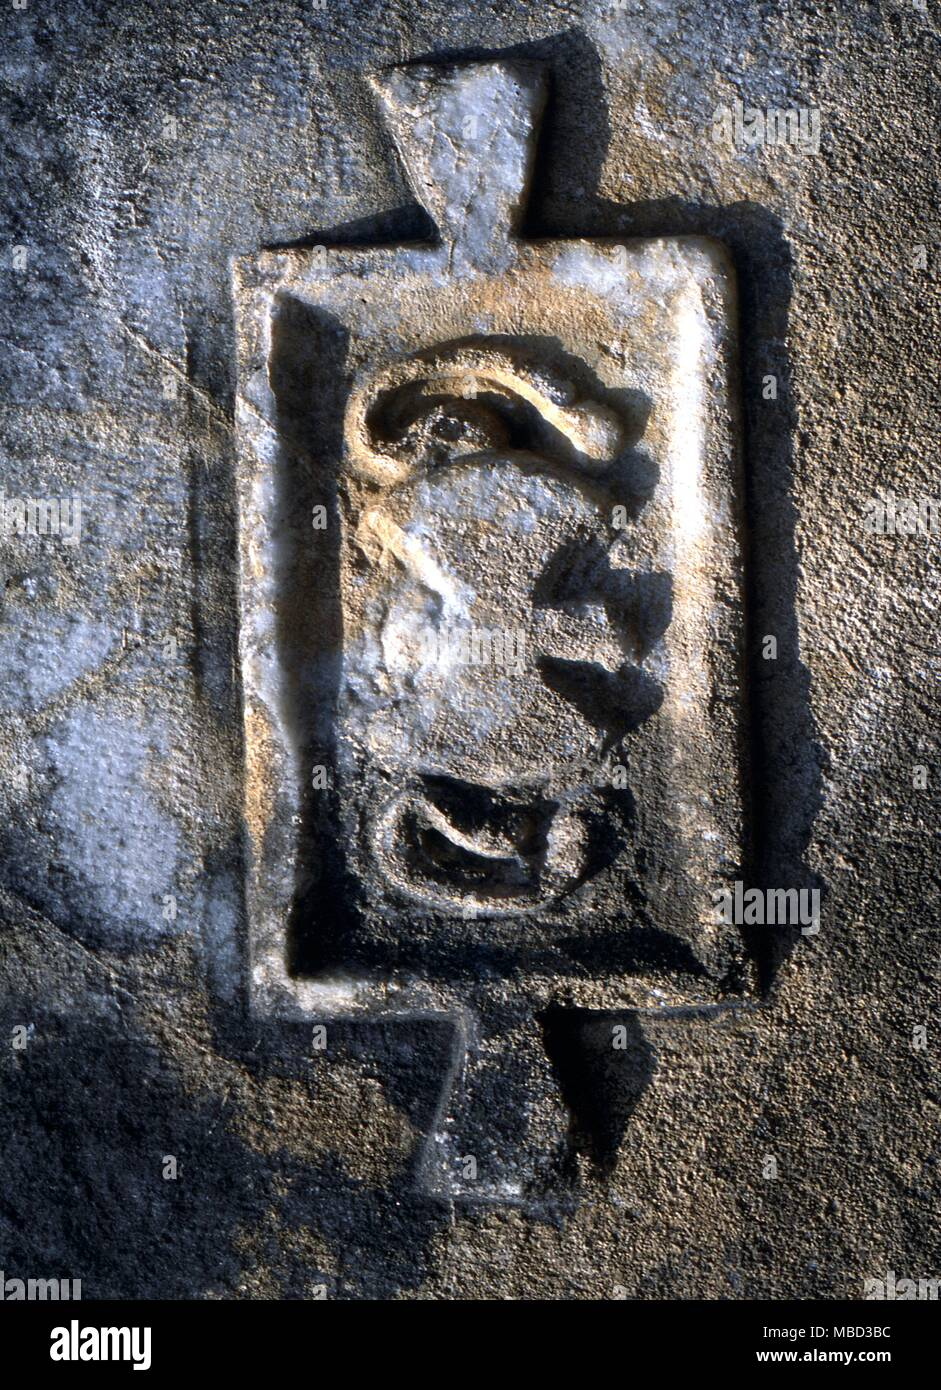 Symbols Double Axe Double Axe Of Cretan Origin With Human Ears